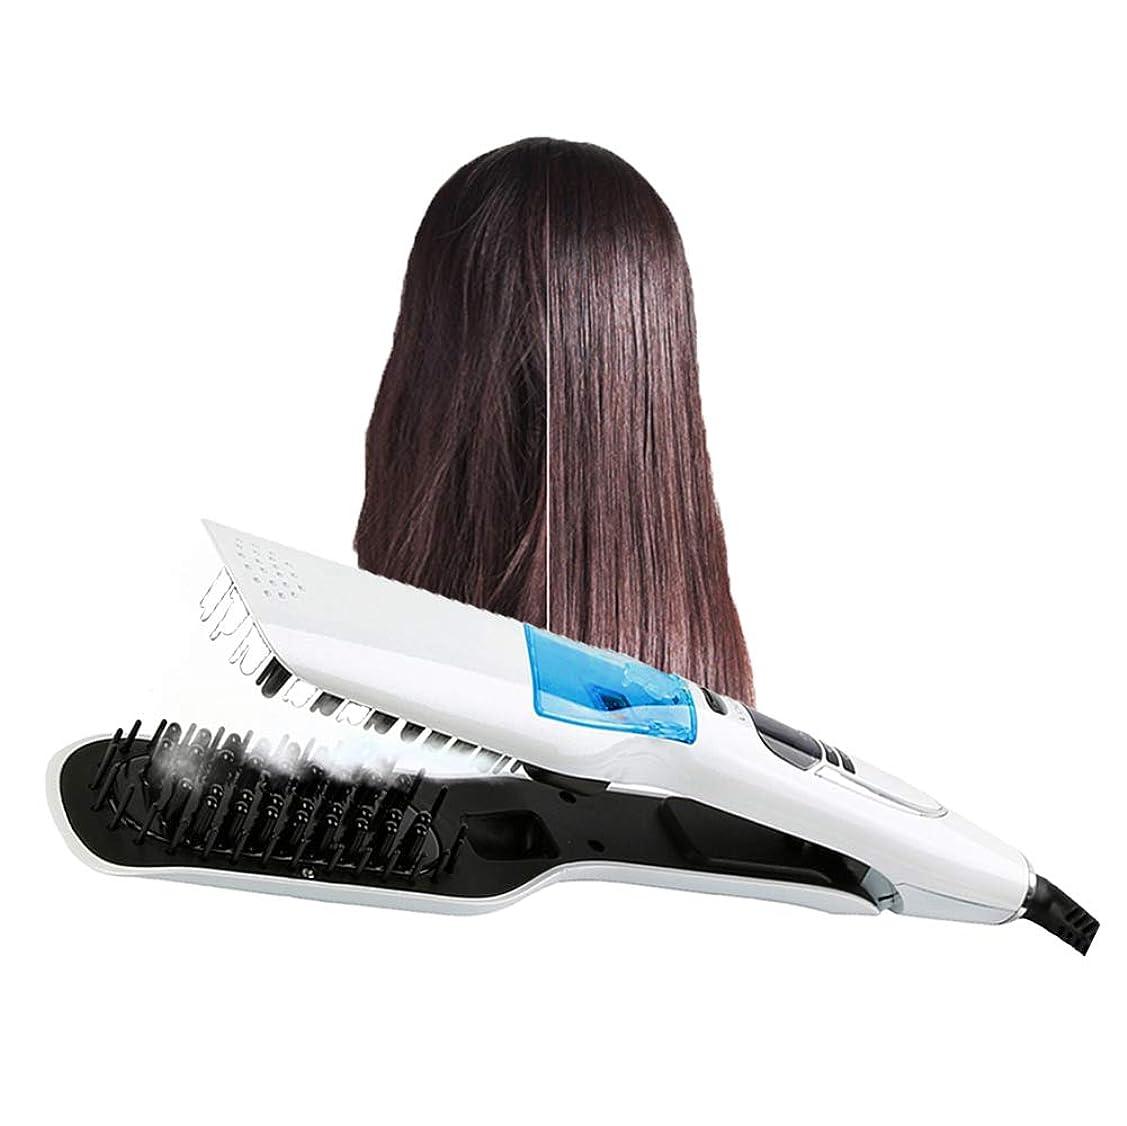 ストレージ受け皿ドラフト女性のための LED 表示の電気蒸気の毛の櫛毛の速いスプレーの蒸気のスタイリング用具の白いの専門の毛の矯正の櫛